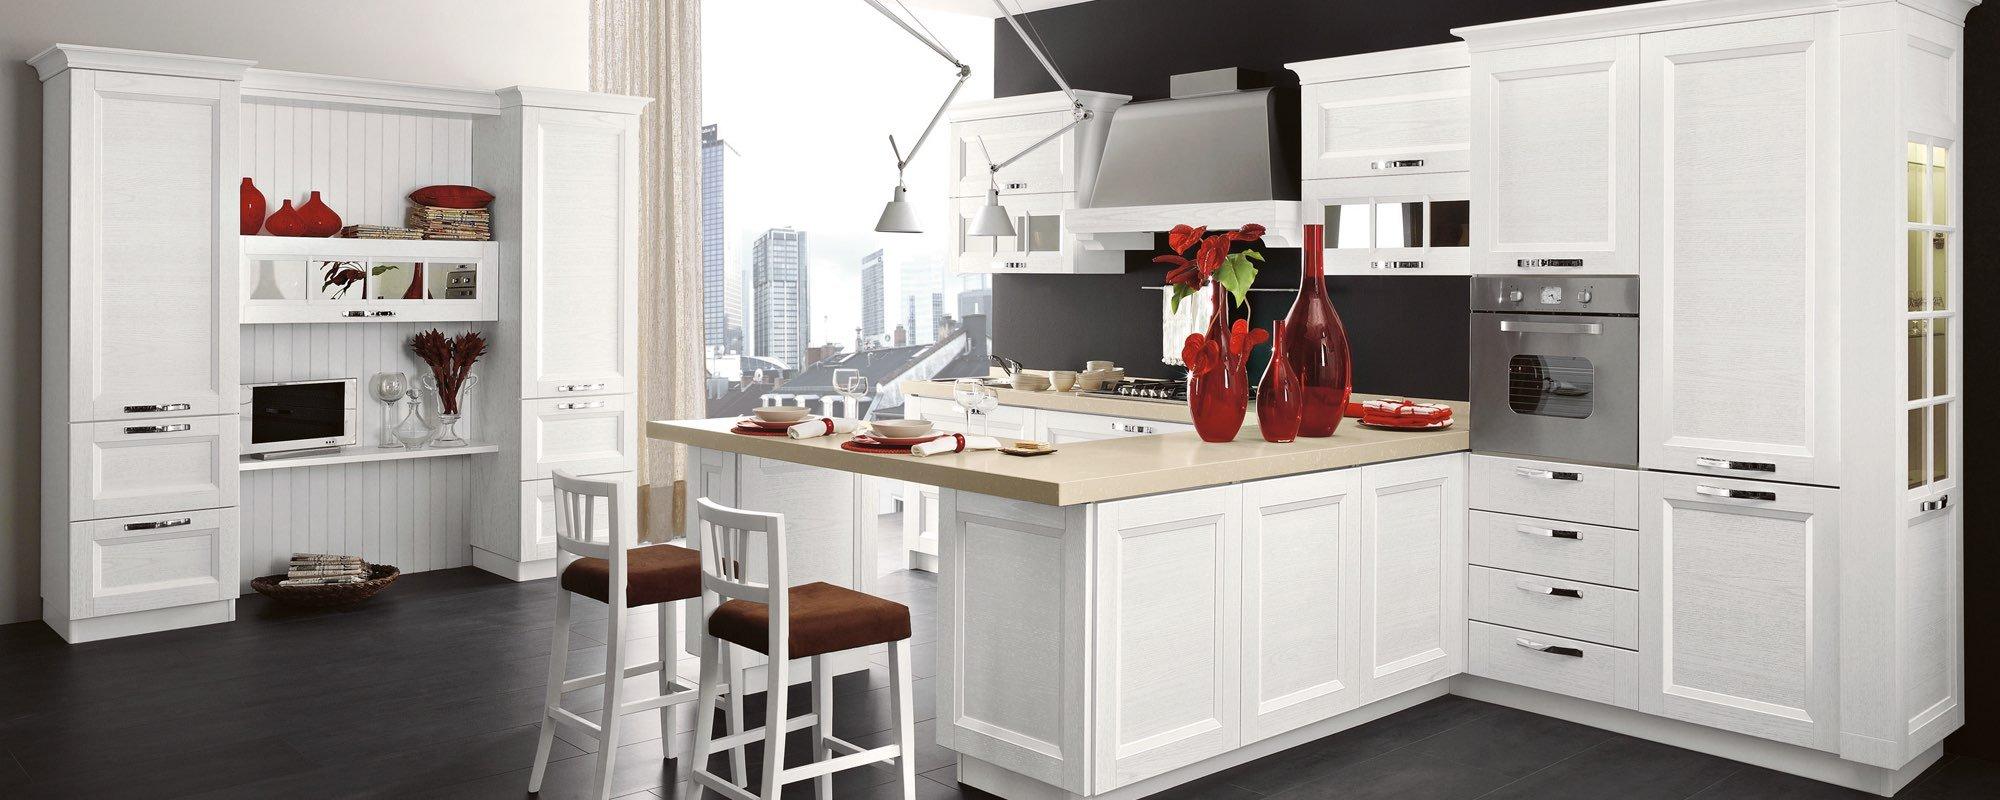 cucina classica componibili stosa con vasi su bancone di cucina e arredamento - Beverly